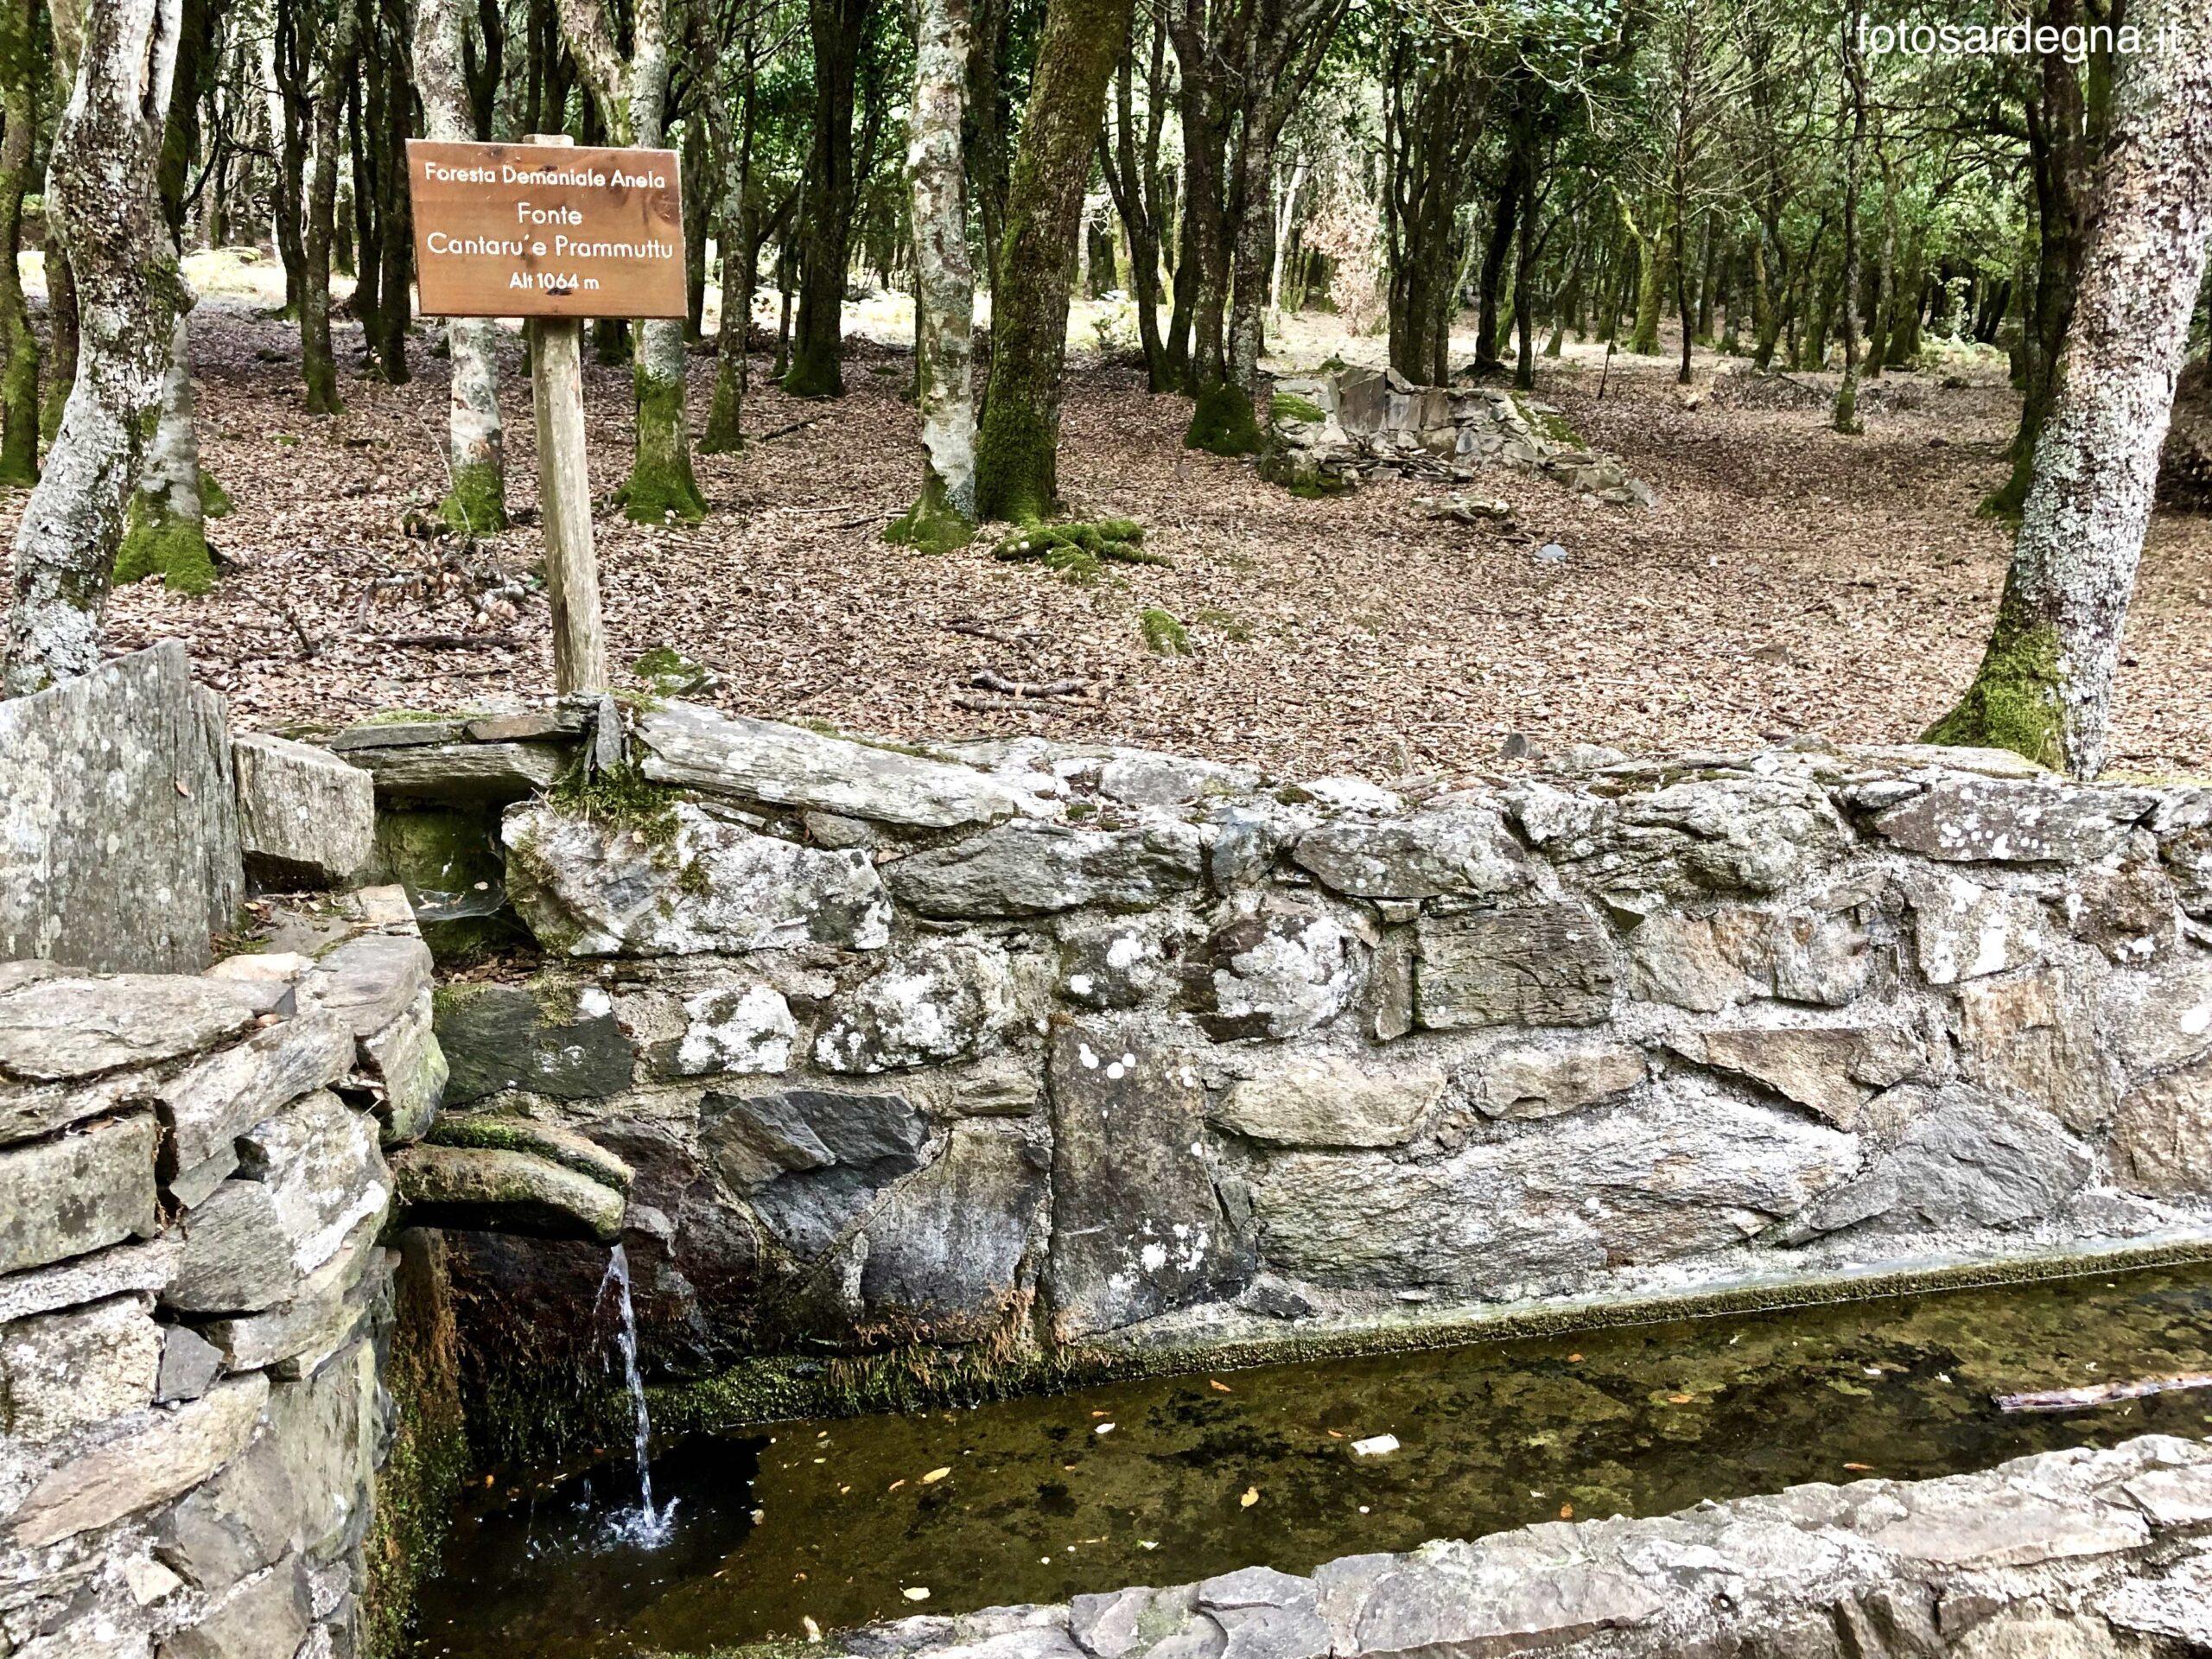 Foresta Anela fonte Cantaru 'e Prammuttu